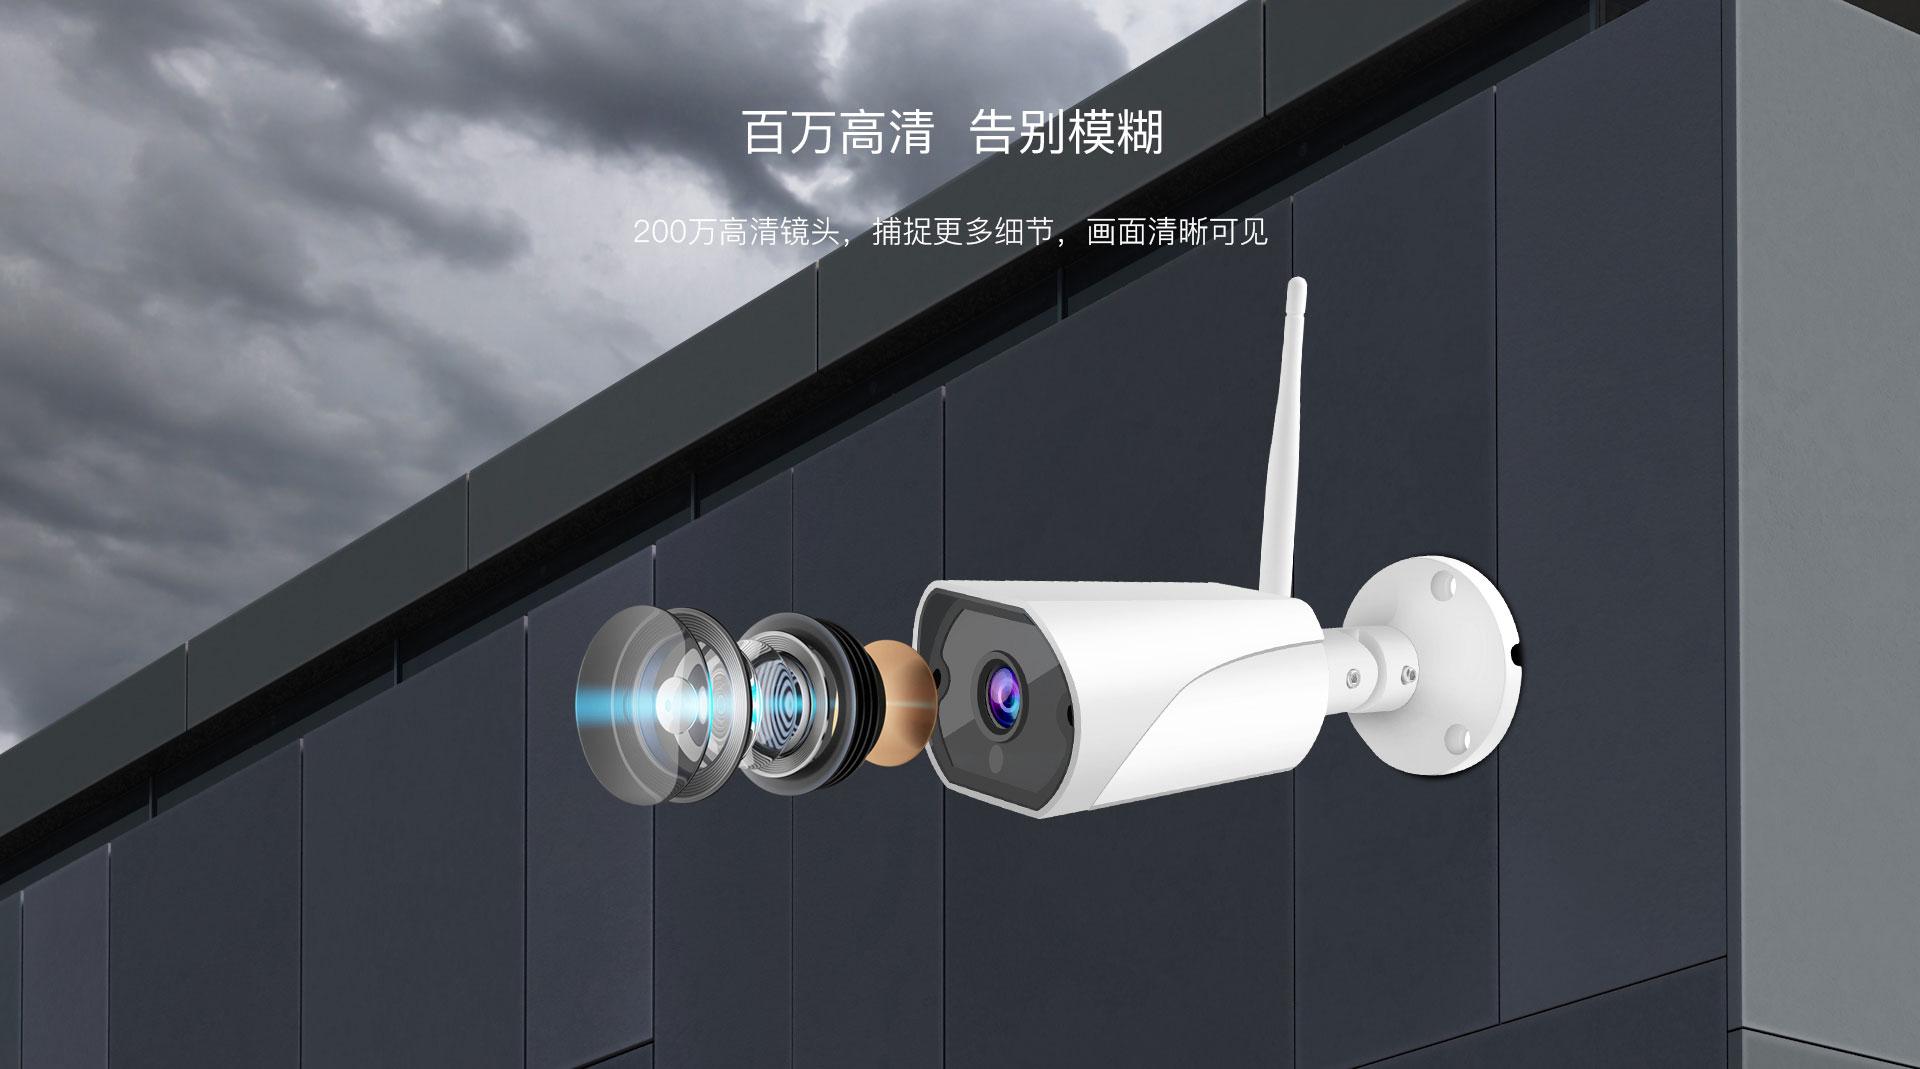 鸣笛报警室外防水摄像机